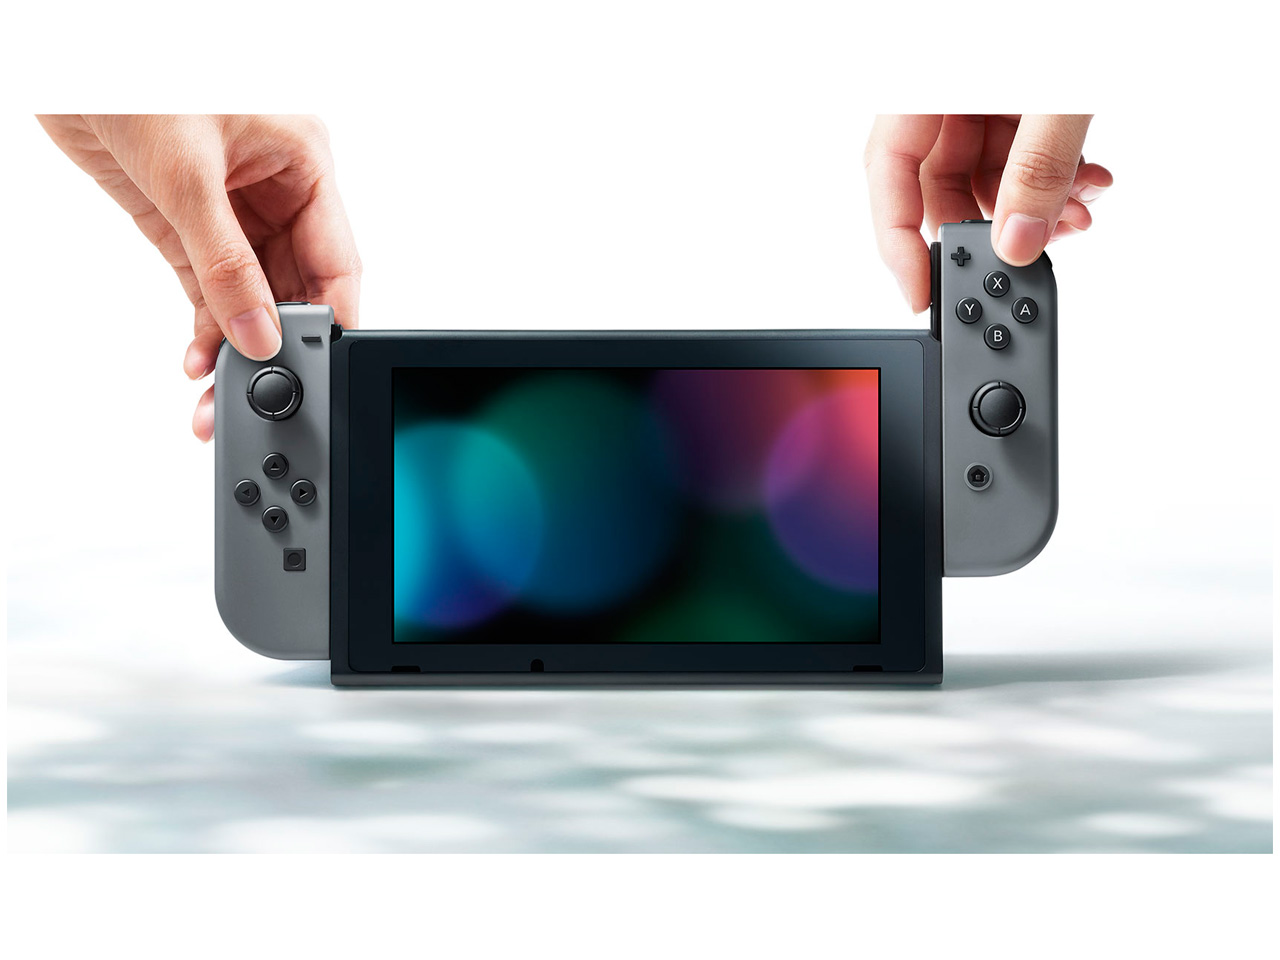 『本体5』 Nintendo Switch [グレー] の製品画像